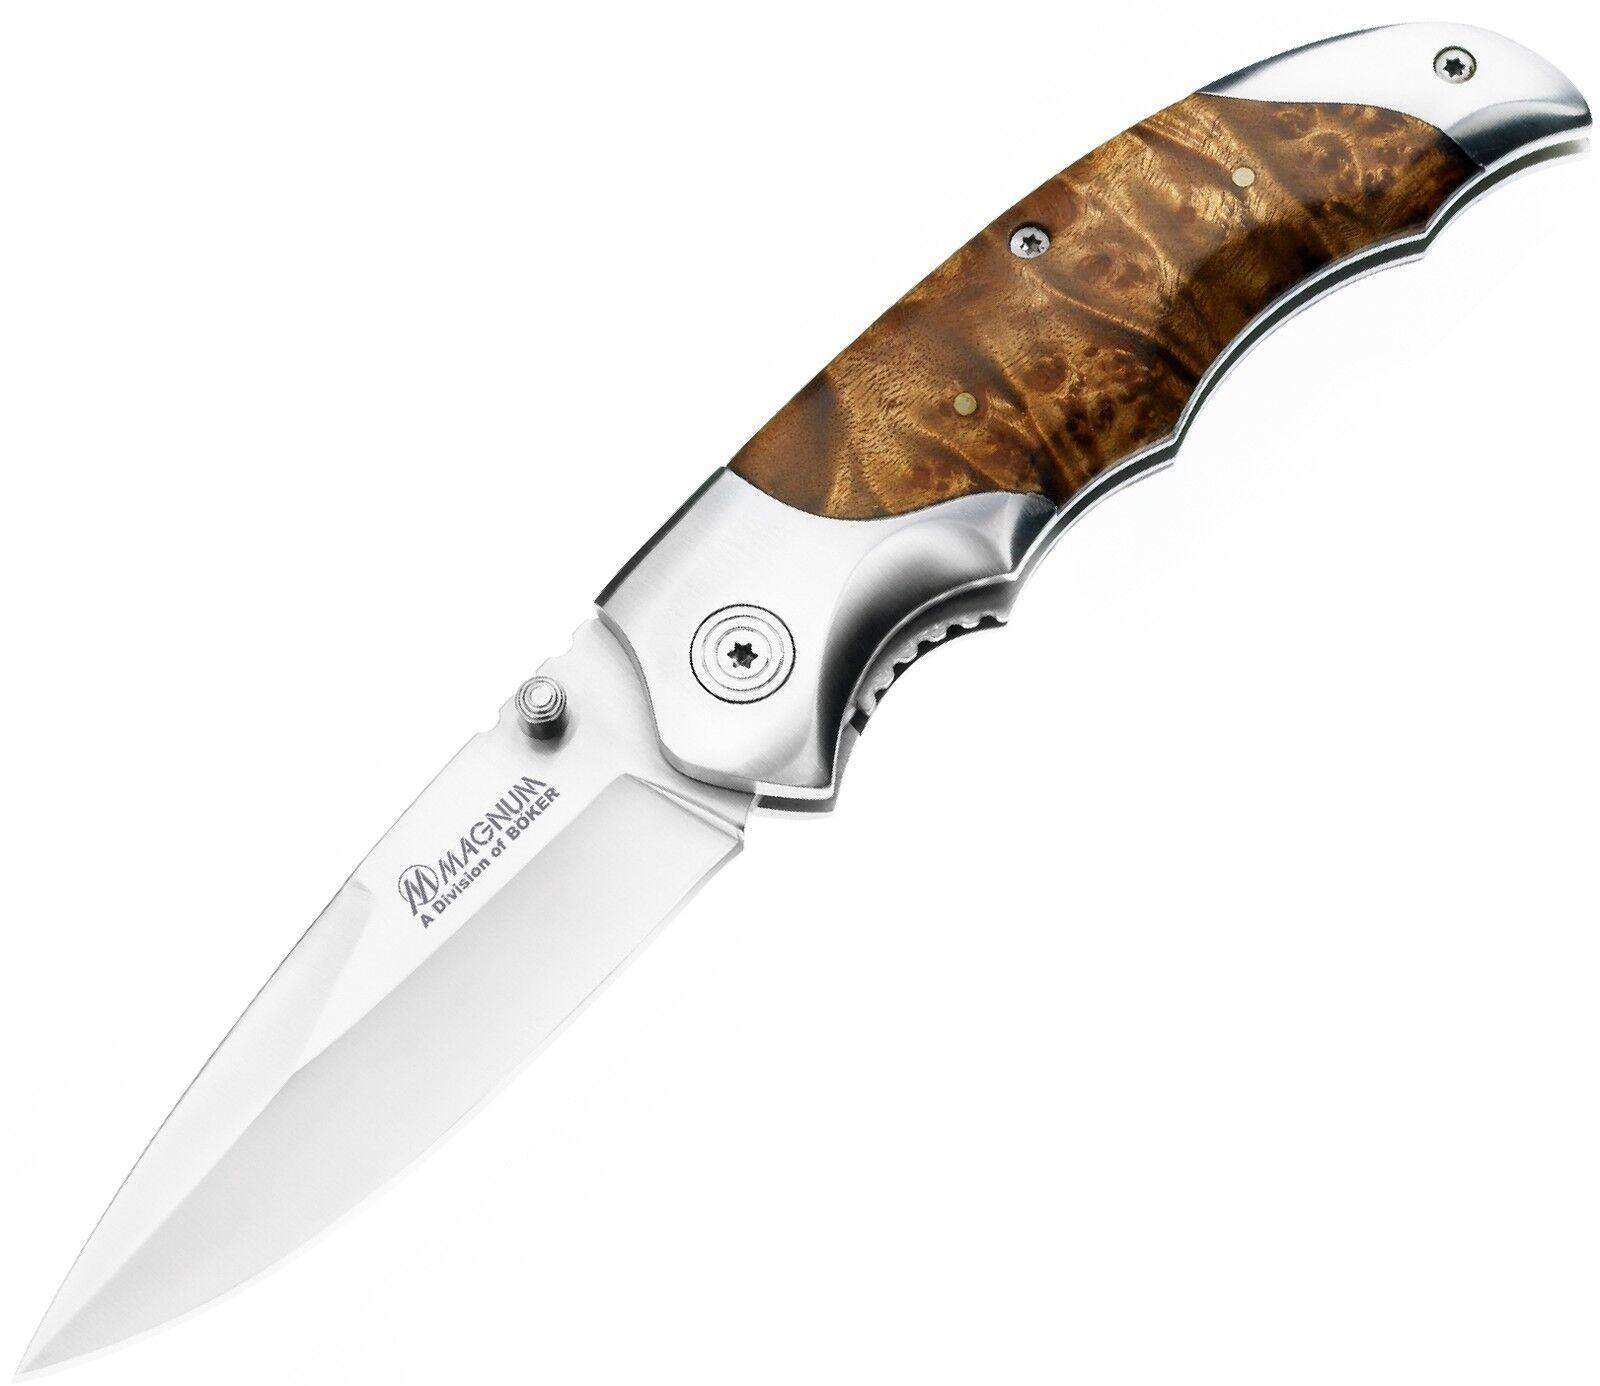 BÖKER  Taschenmesser Einhandmesser Messer Wurzelholz Edel Holz-Griff SB1009